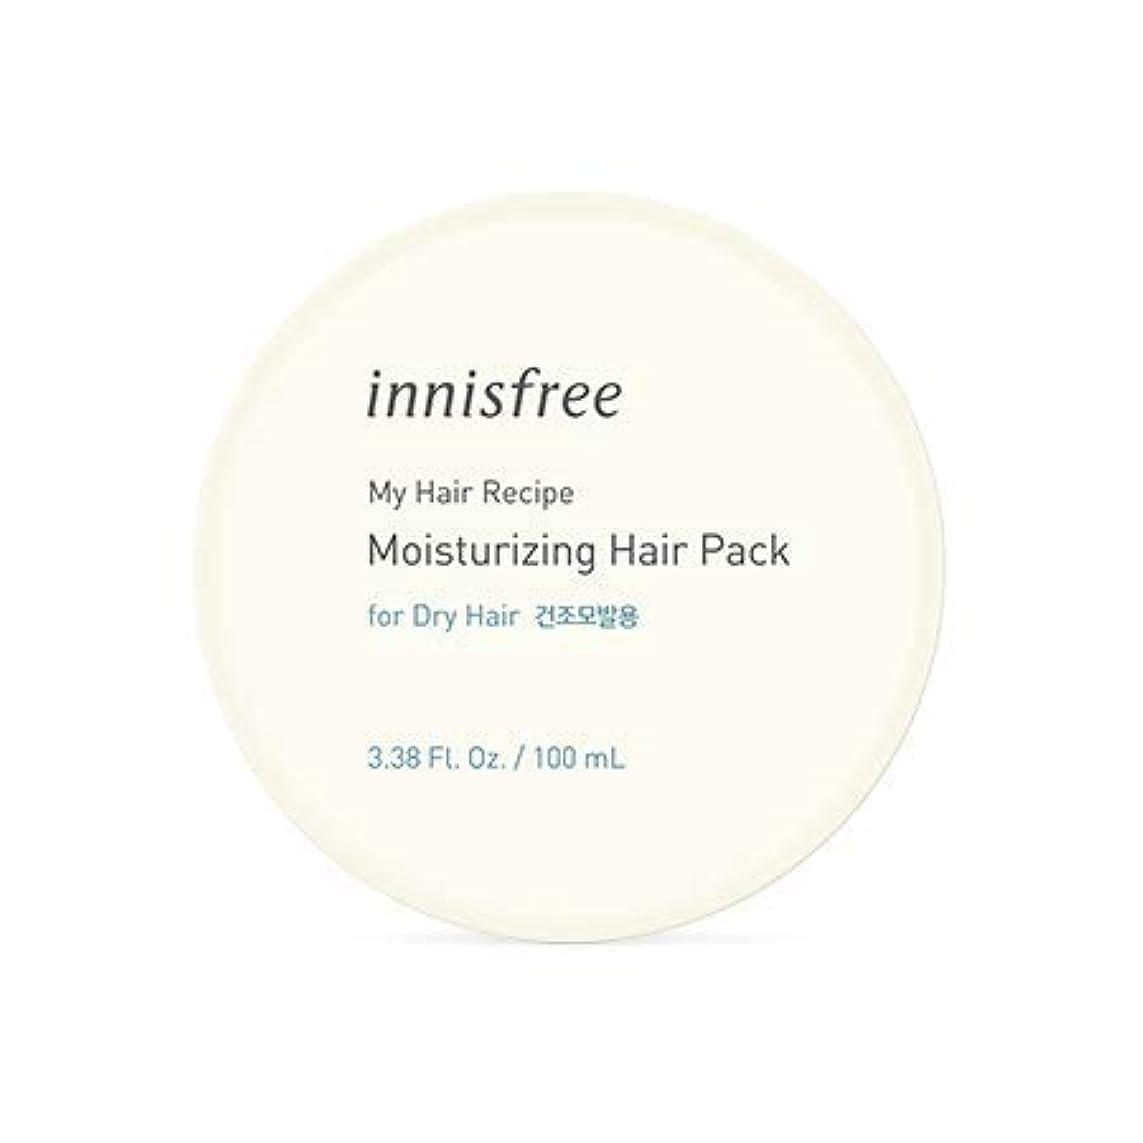 マイク主張する旅行者[イニスフリー.INNISFREE]マイヘアレシピモイスチャライジングヘアパック[乾燥毛髪用] (100mL×2EA) / HAIR RECIPE MOISTURIZING HAIR PACK_しっとりツヤ私レシピで乾燥毛髪に水分と栄養を供給してくれるウォッシュオフタイプの集中栄養ケアヘアパック